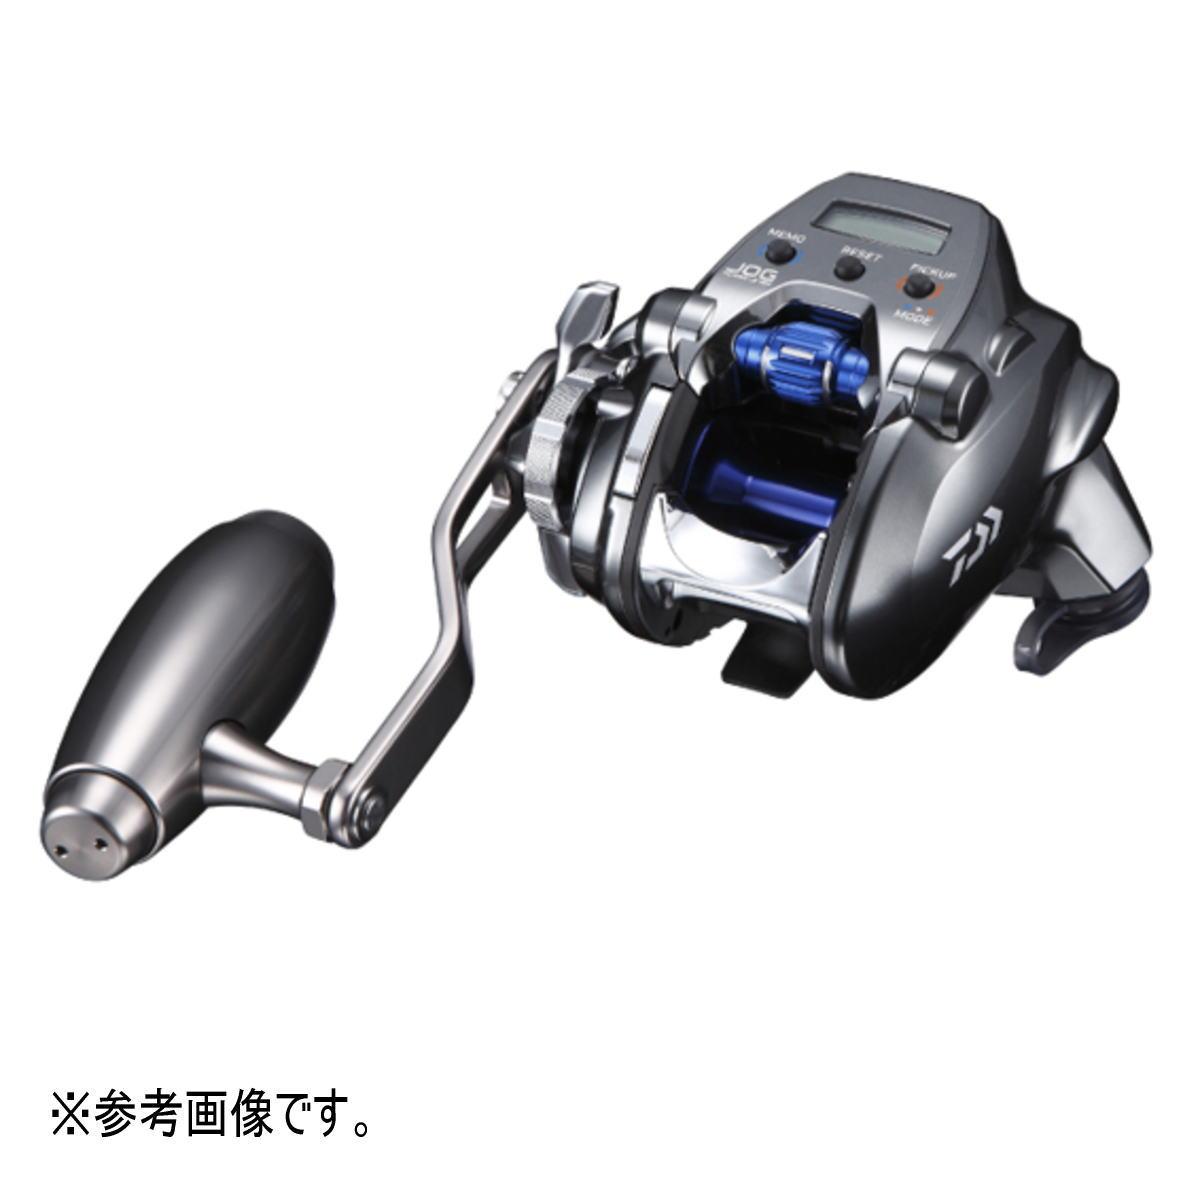 【送料無料4】ダイワ リール '18 シーボーグ 200JL-SJ